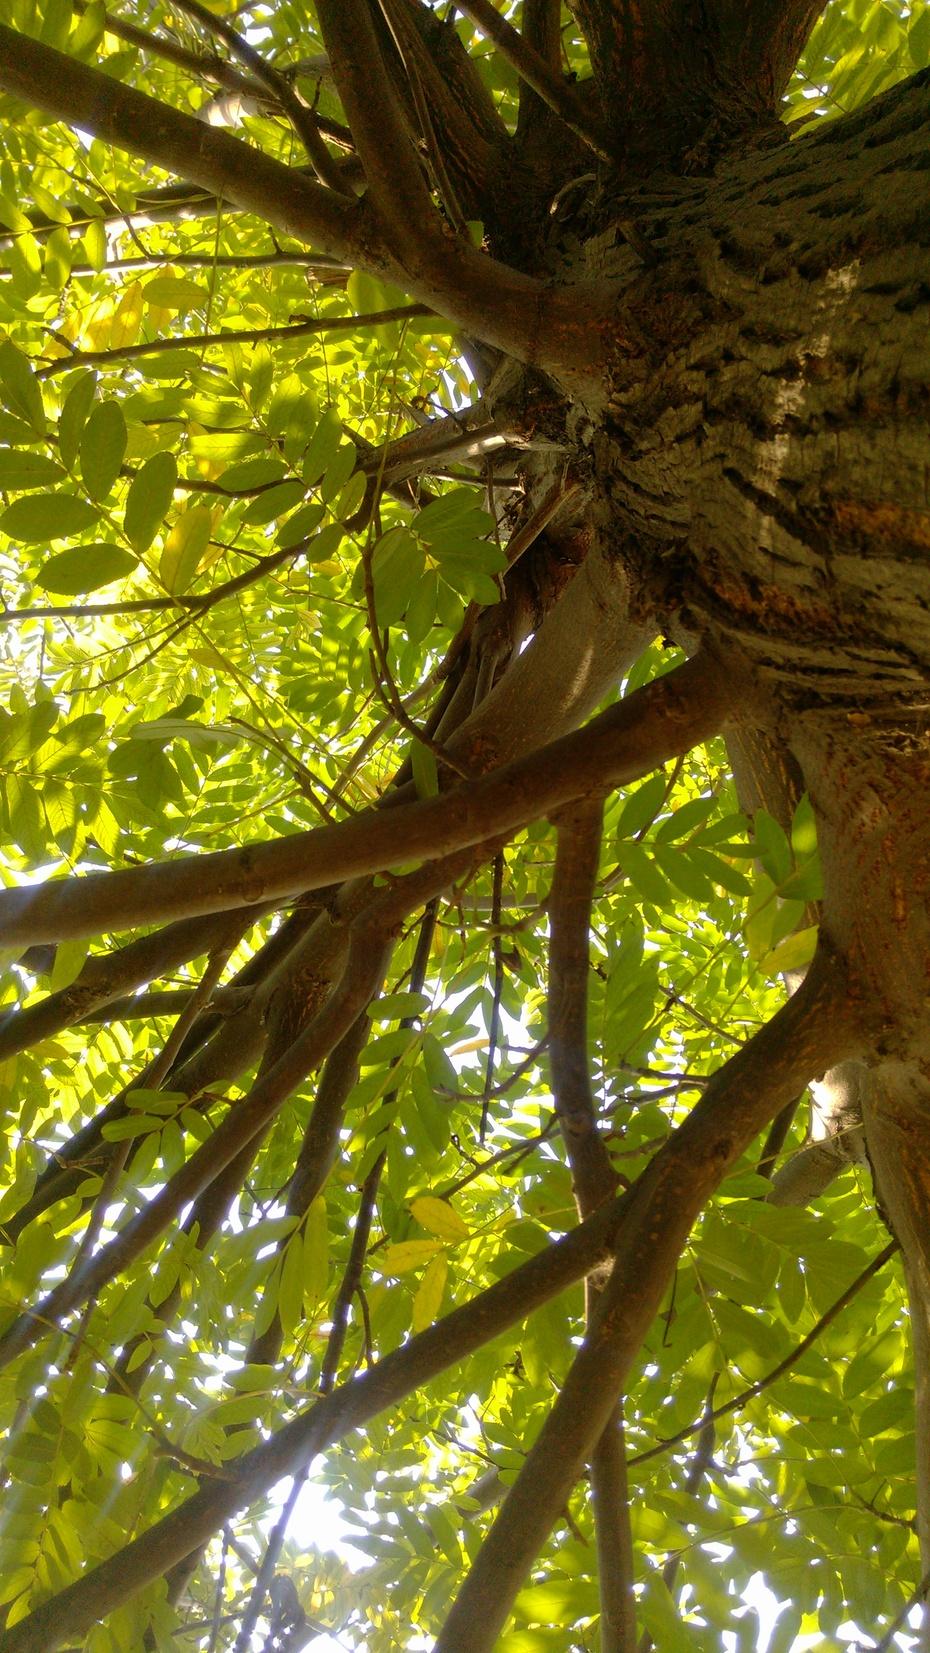 枫杨树树冠广展,枝叶茂密,生长快速,根系发达,为河床两岸低洼湿地的